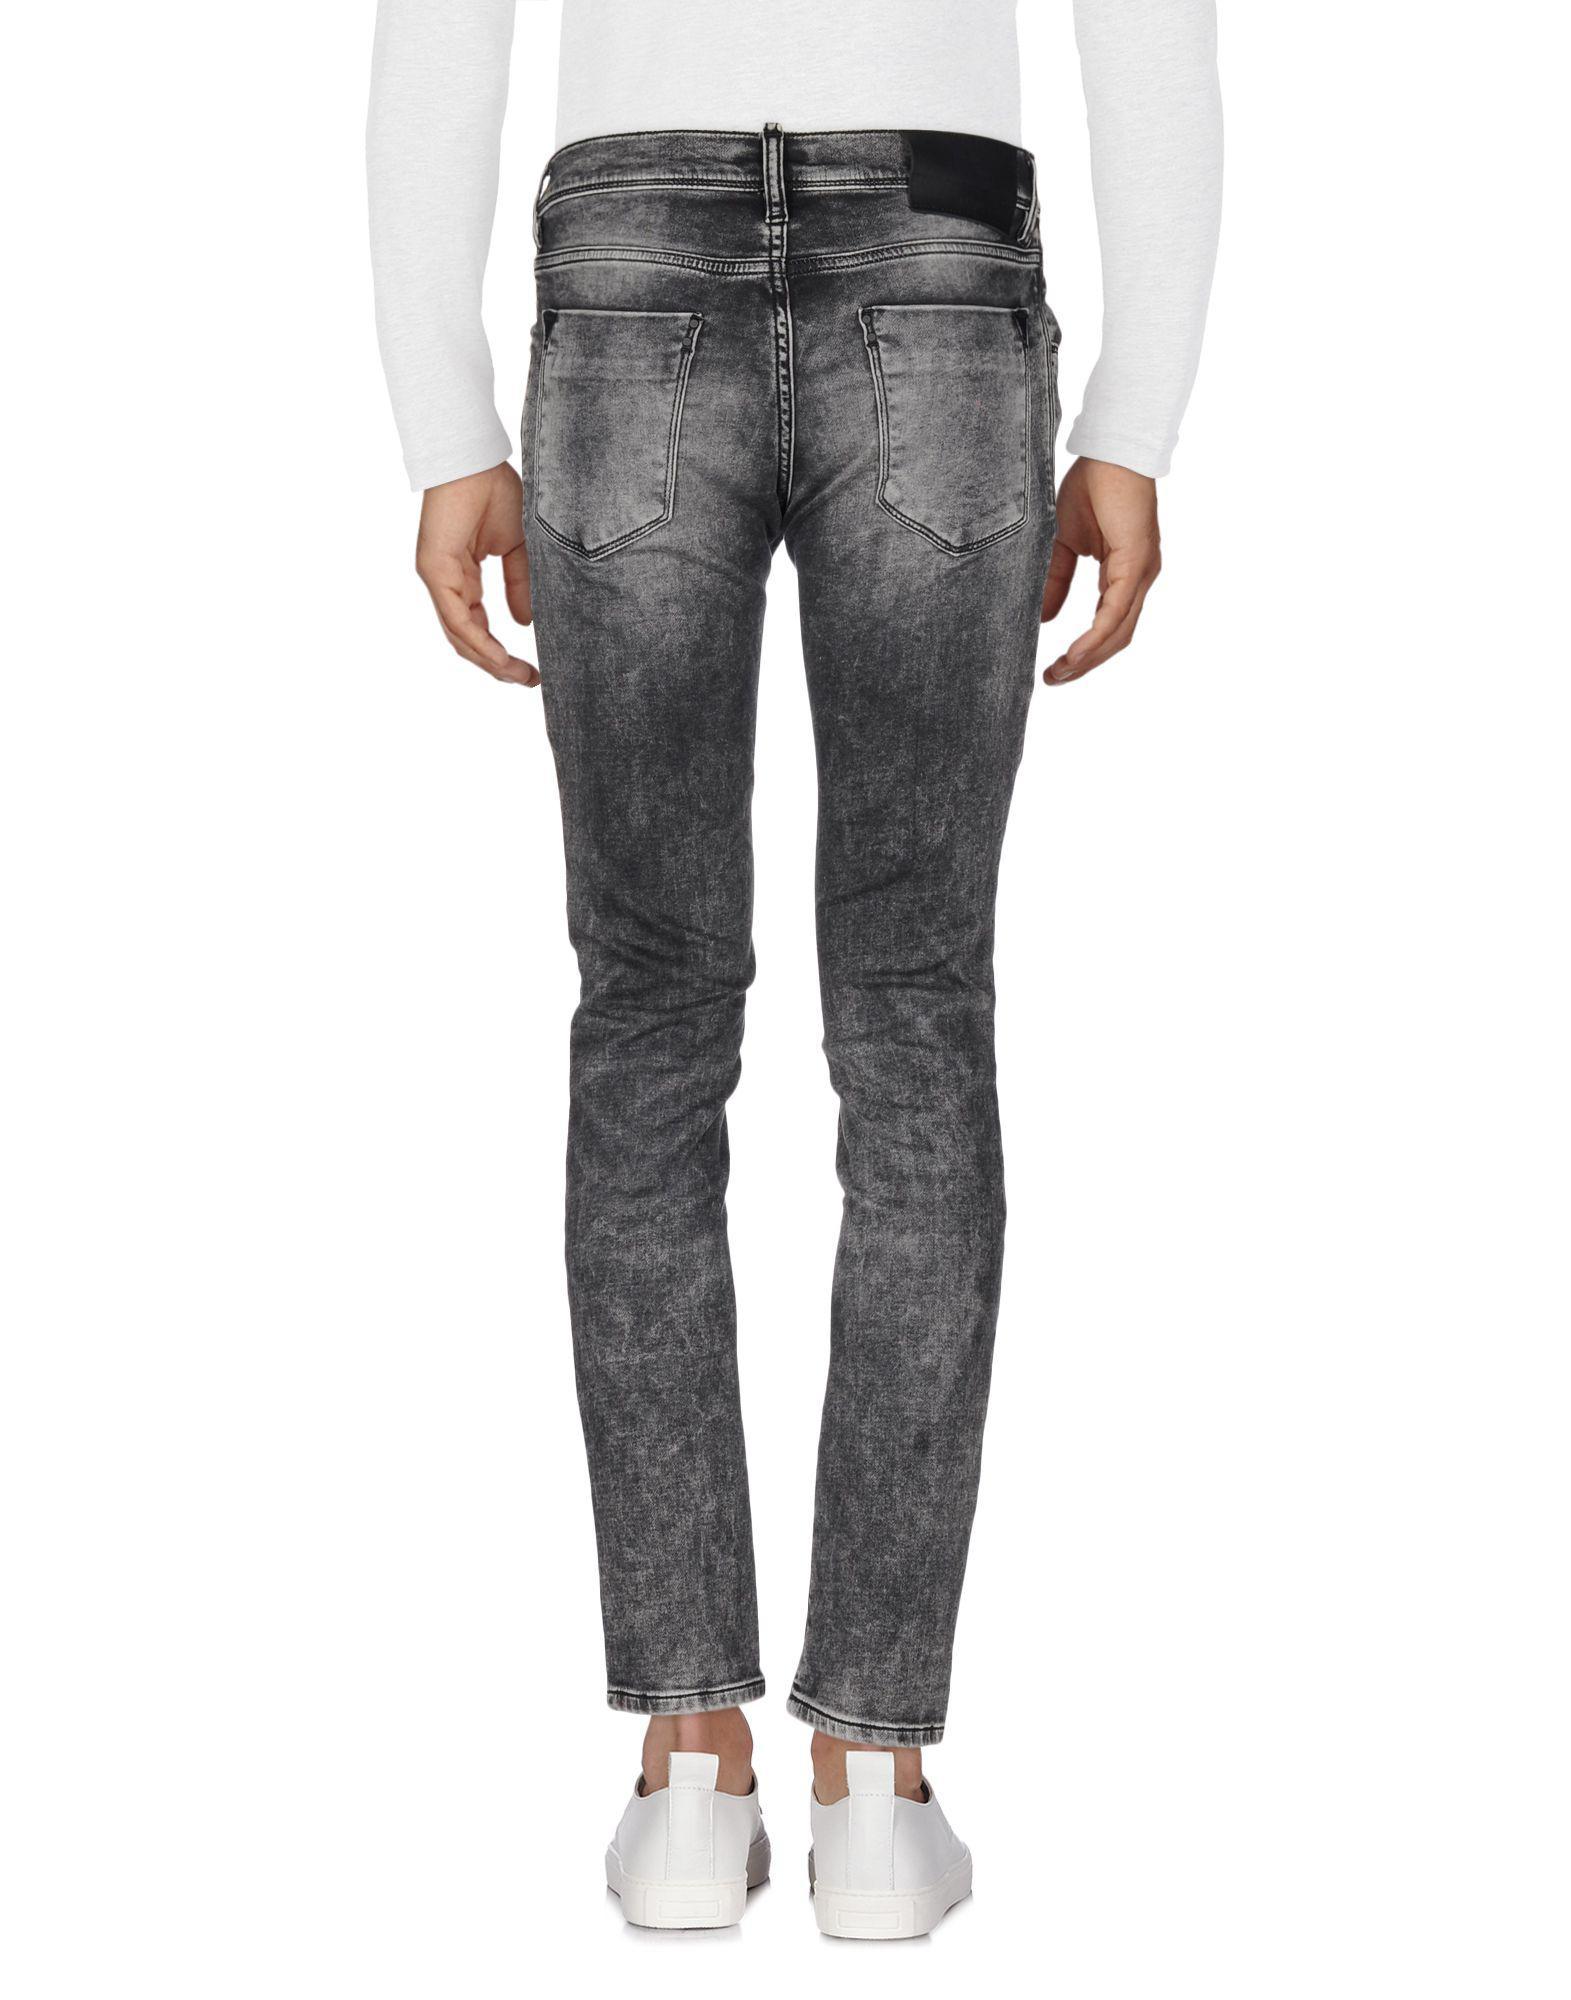 Antony Morato Denim Trousers in Steel Grey (Grey) for Men